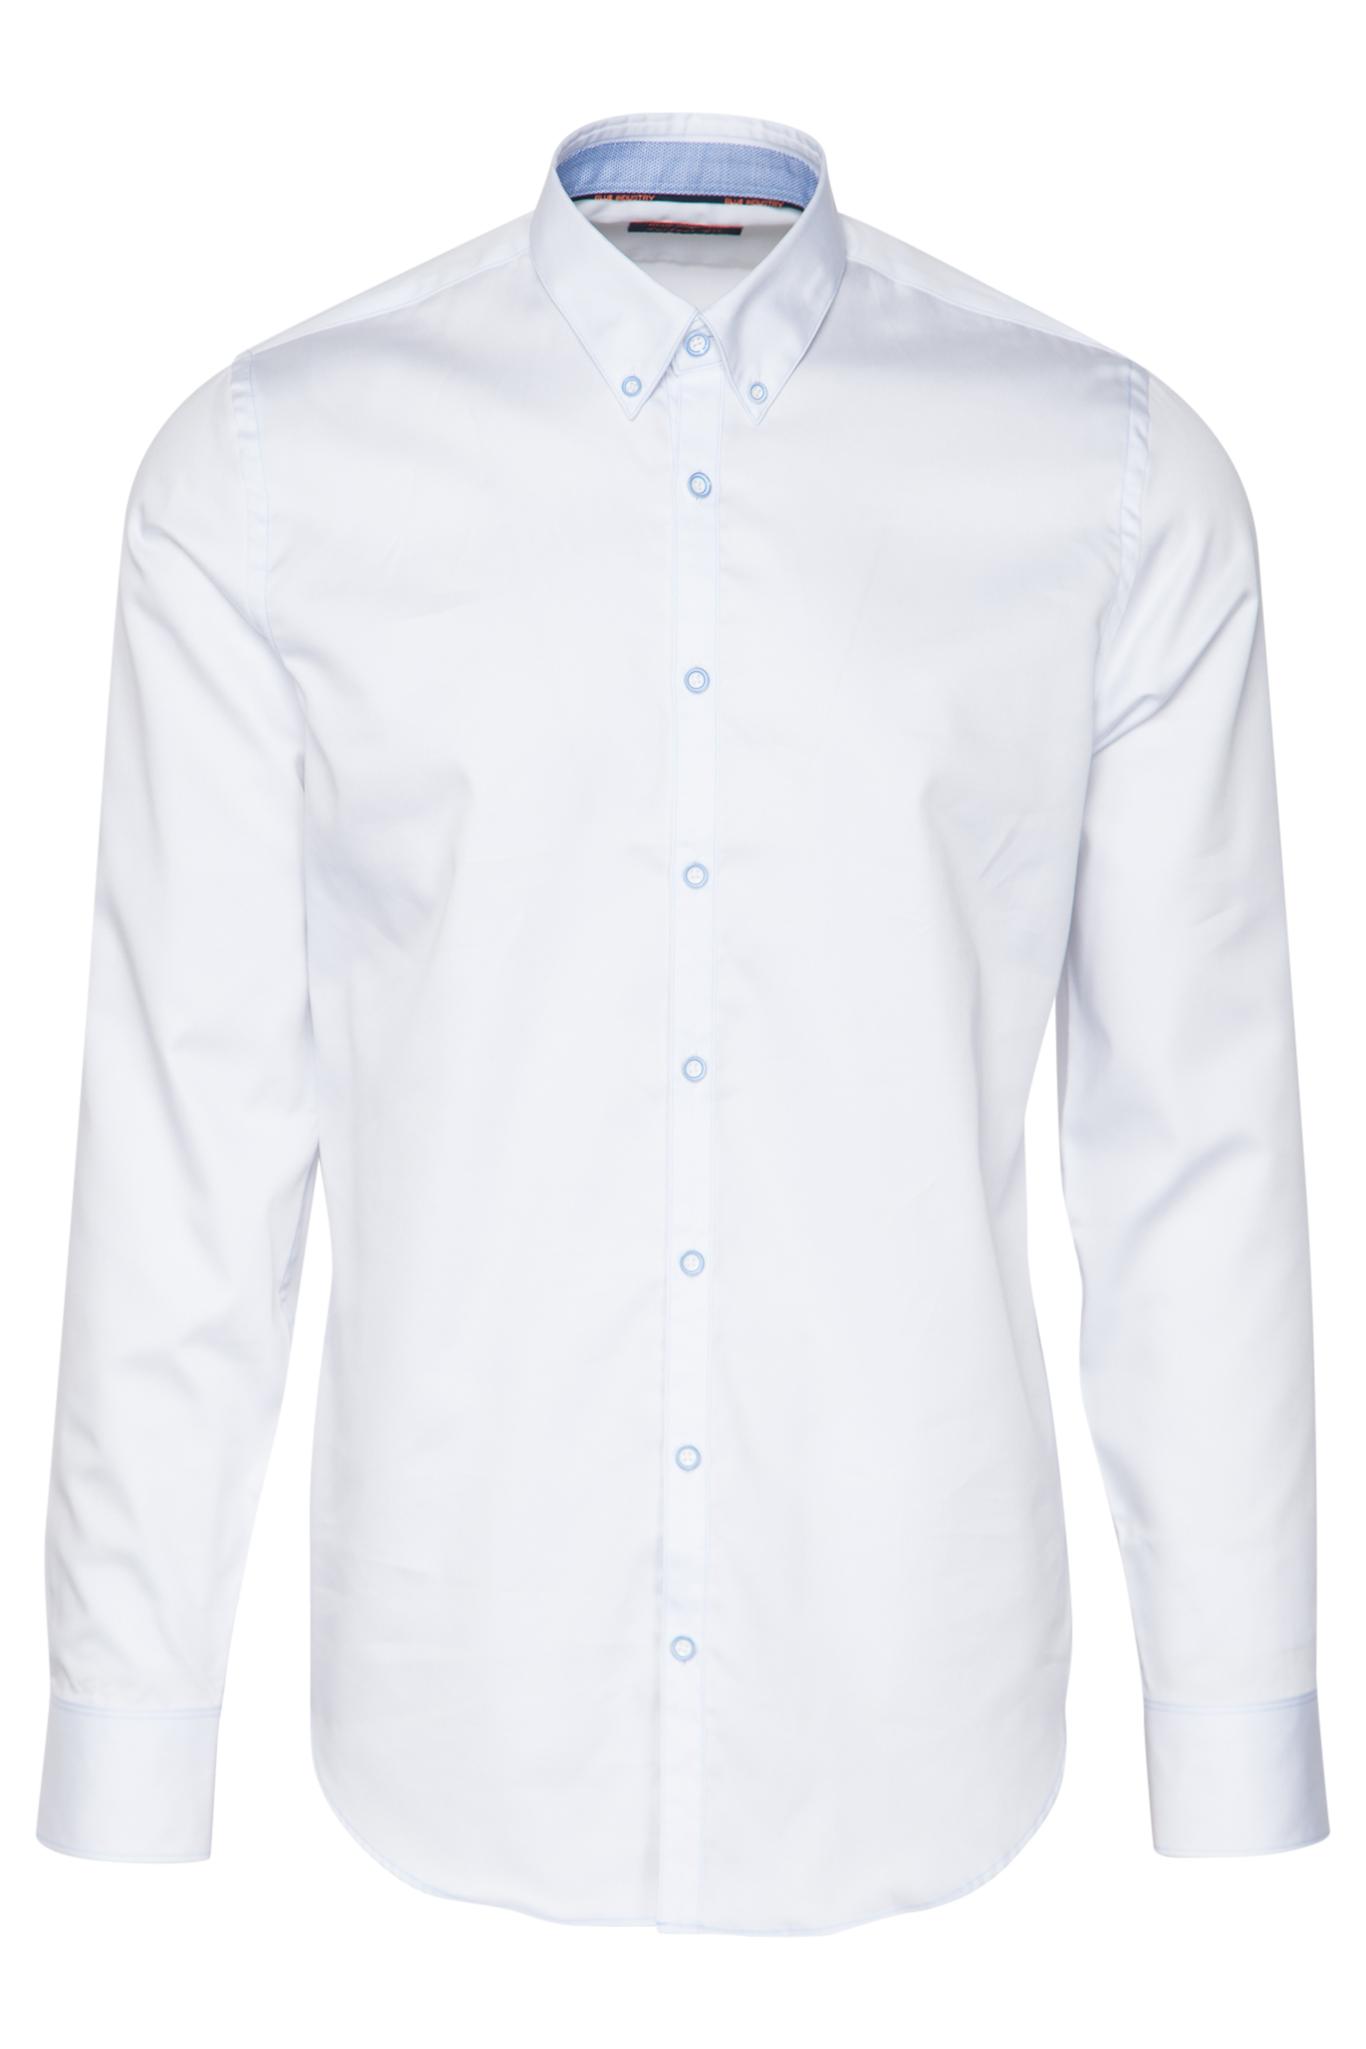 Wit Heren Overhemd.Sportique Zeewolde Heren Wit Heren Overhemd Blue Industry 854 71